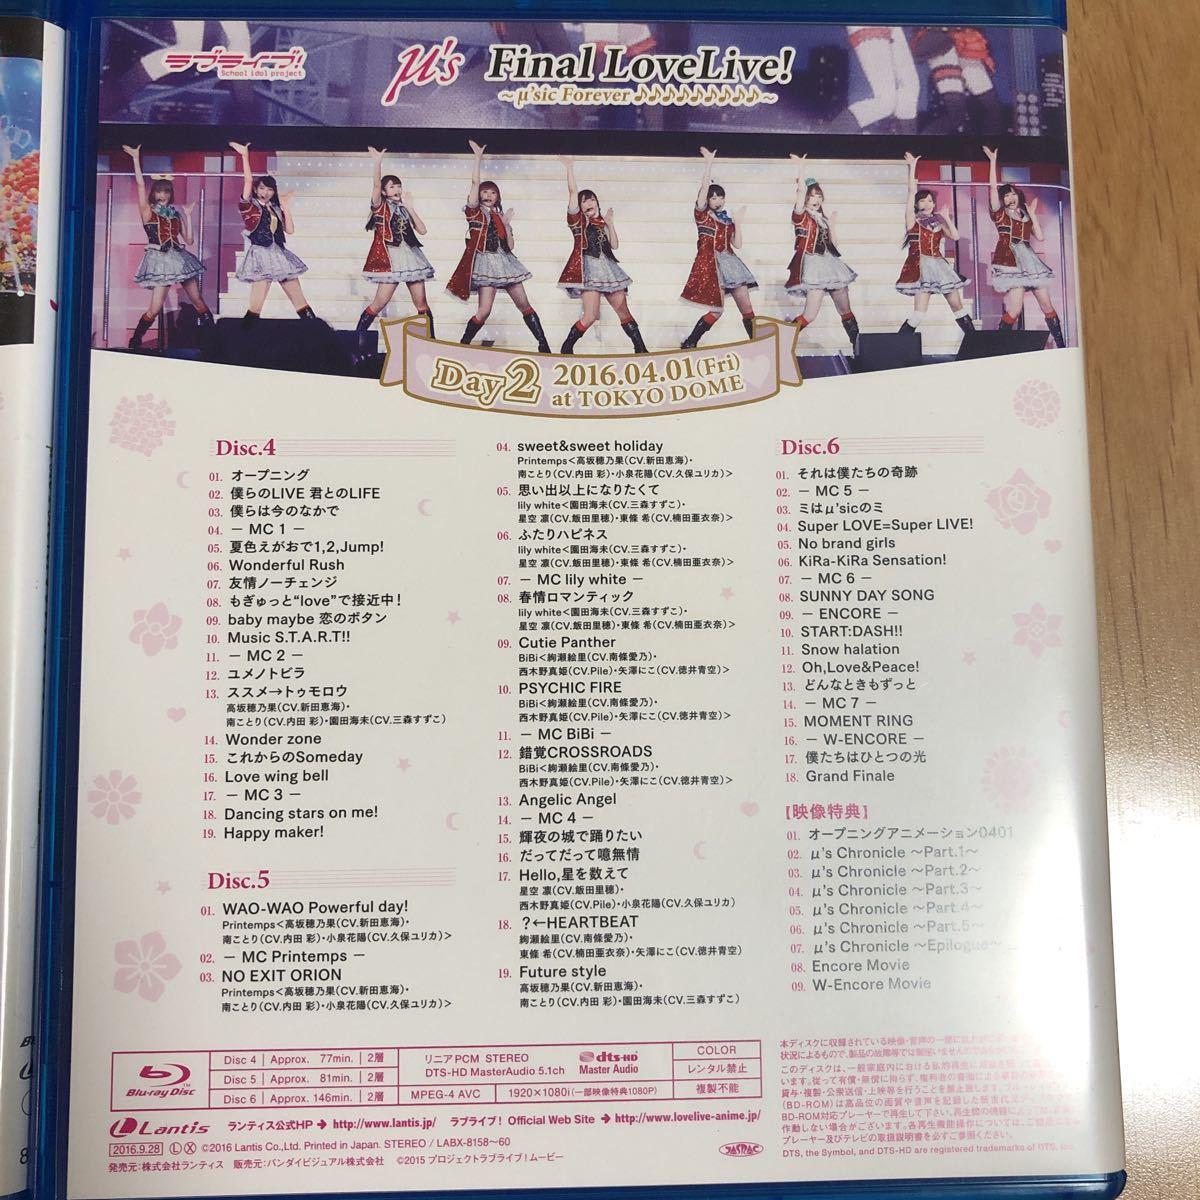 ラブライブ! μ's ファイナル ラブライブ Blu-ray メモリアルボックス 中古 美品 ラブライブ!フェスに向けての復習に★_画像5